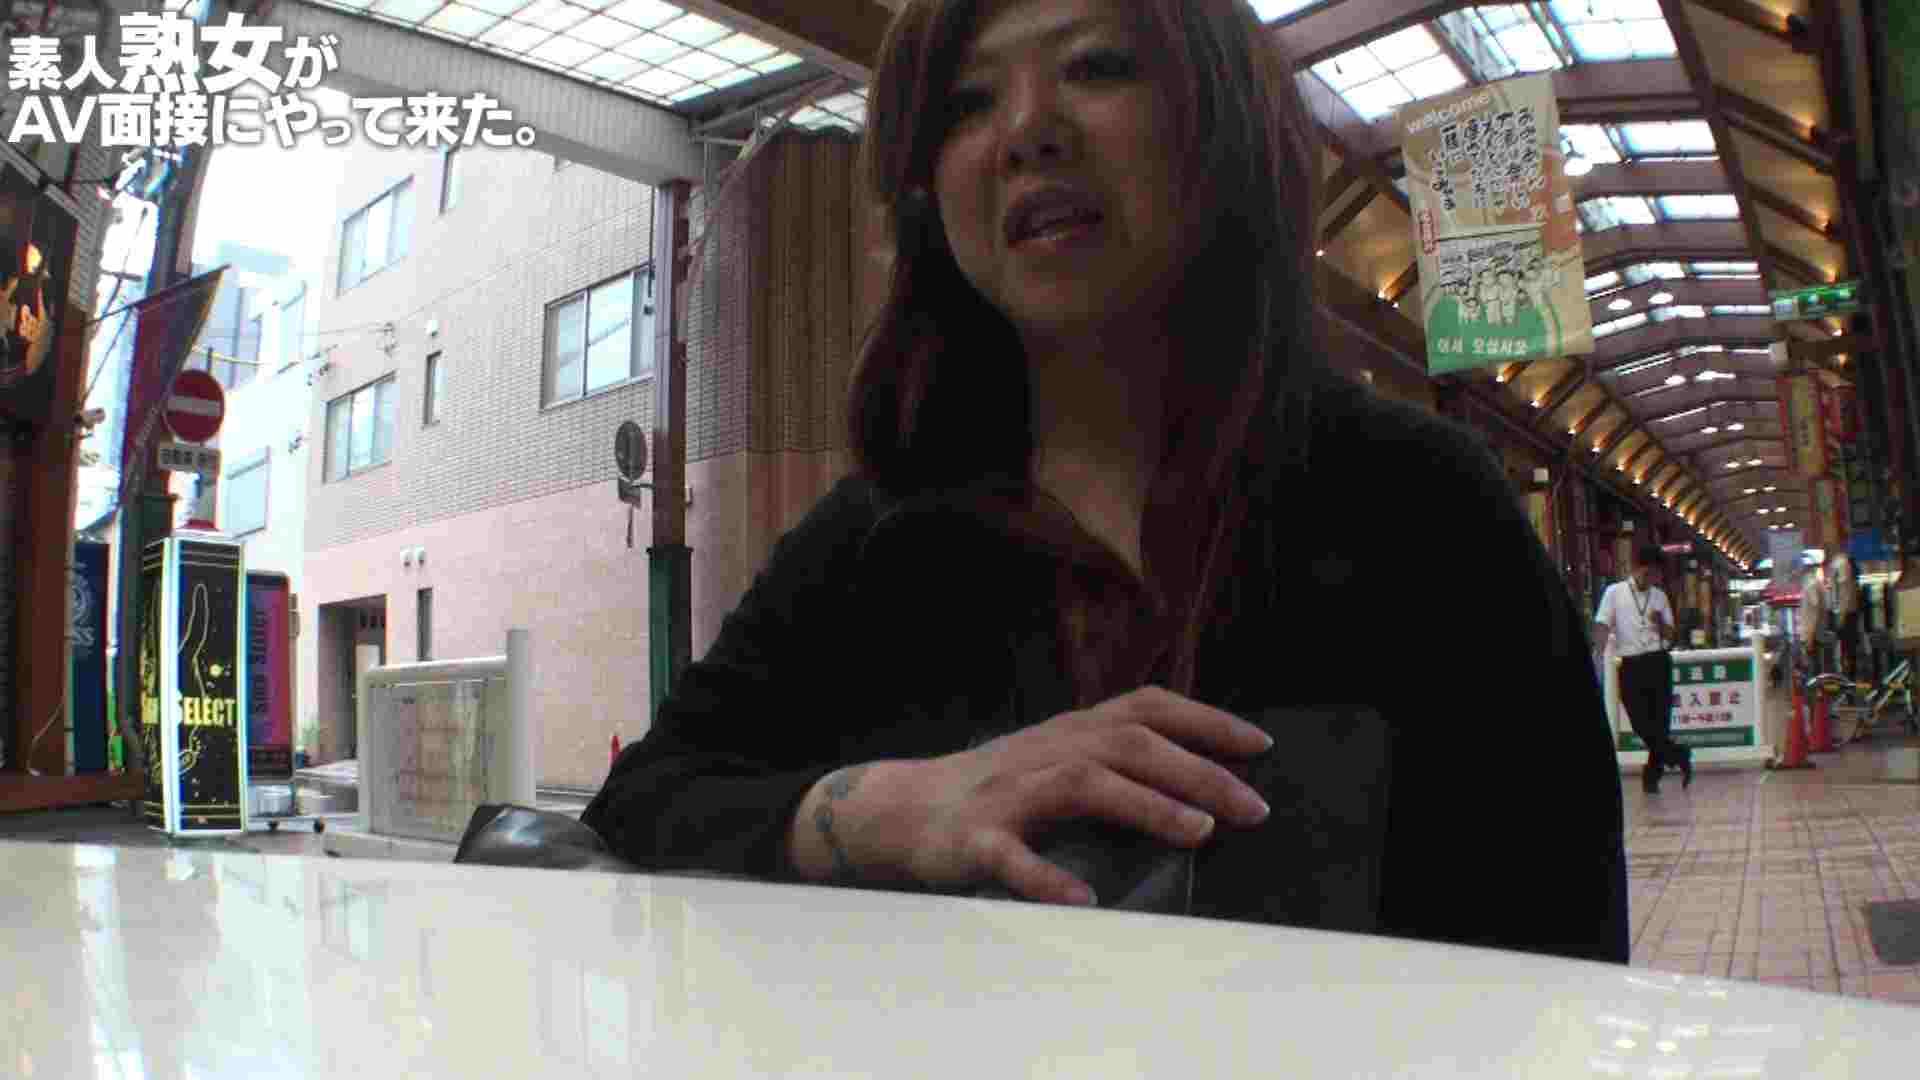 素人熟女がAV面接にやってきた (仮名)ゆかさんVOL.01 色っぽいOL達 覗きおまんこ画像 71pic 12